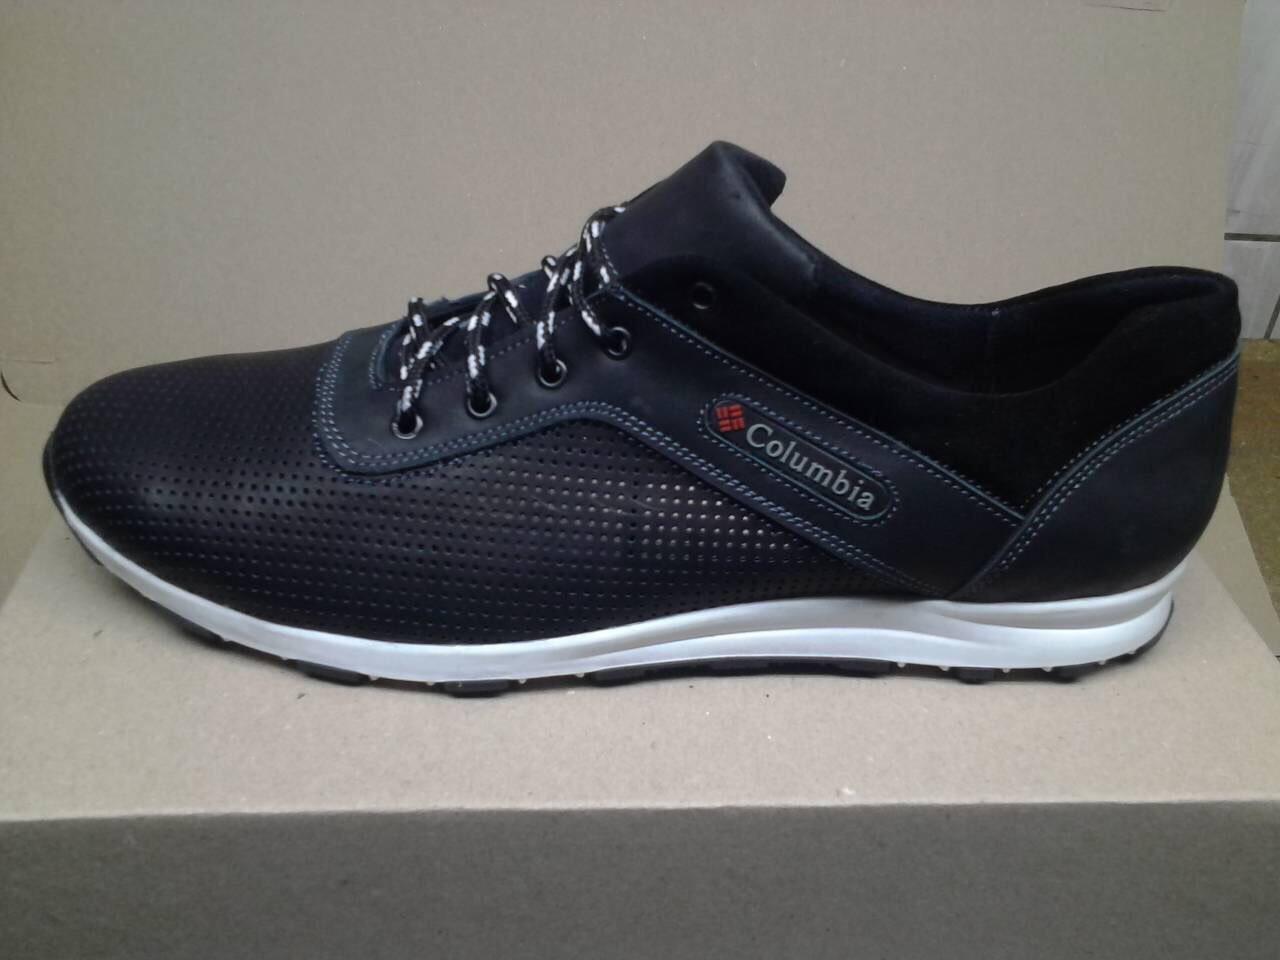 Мужские кожаные стильные кроссовки Columbia больших размеров 45. 46 ... 93844955f56ee